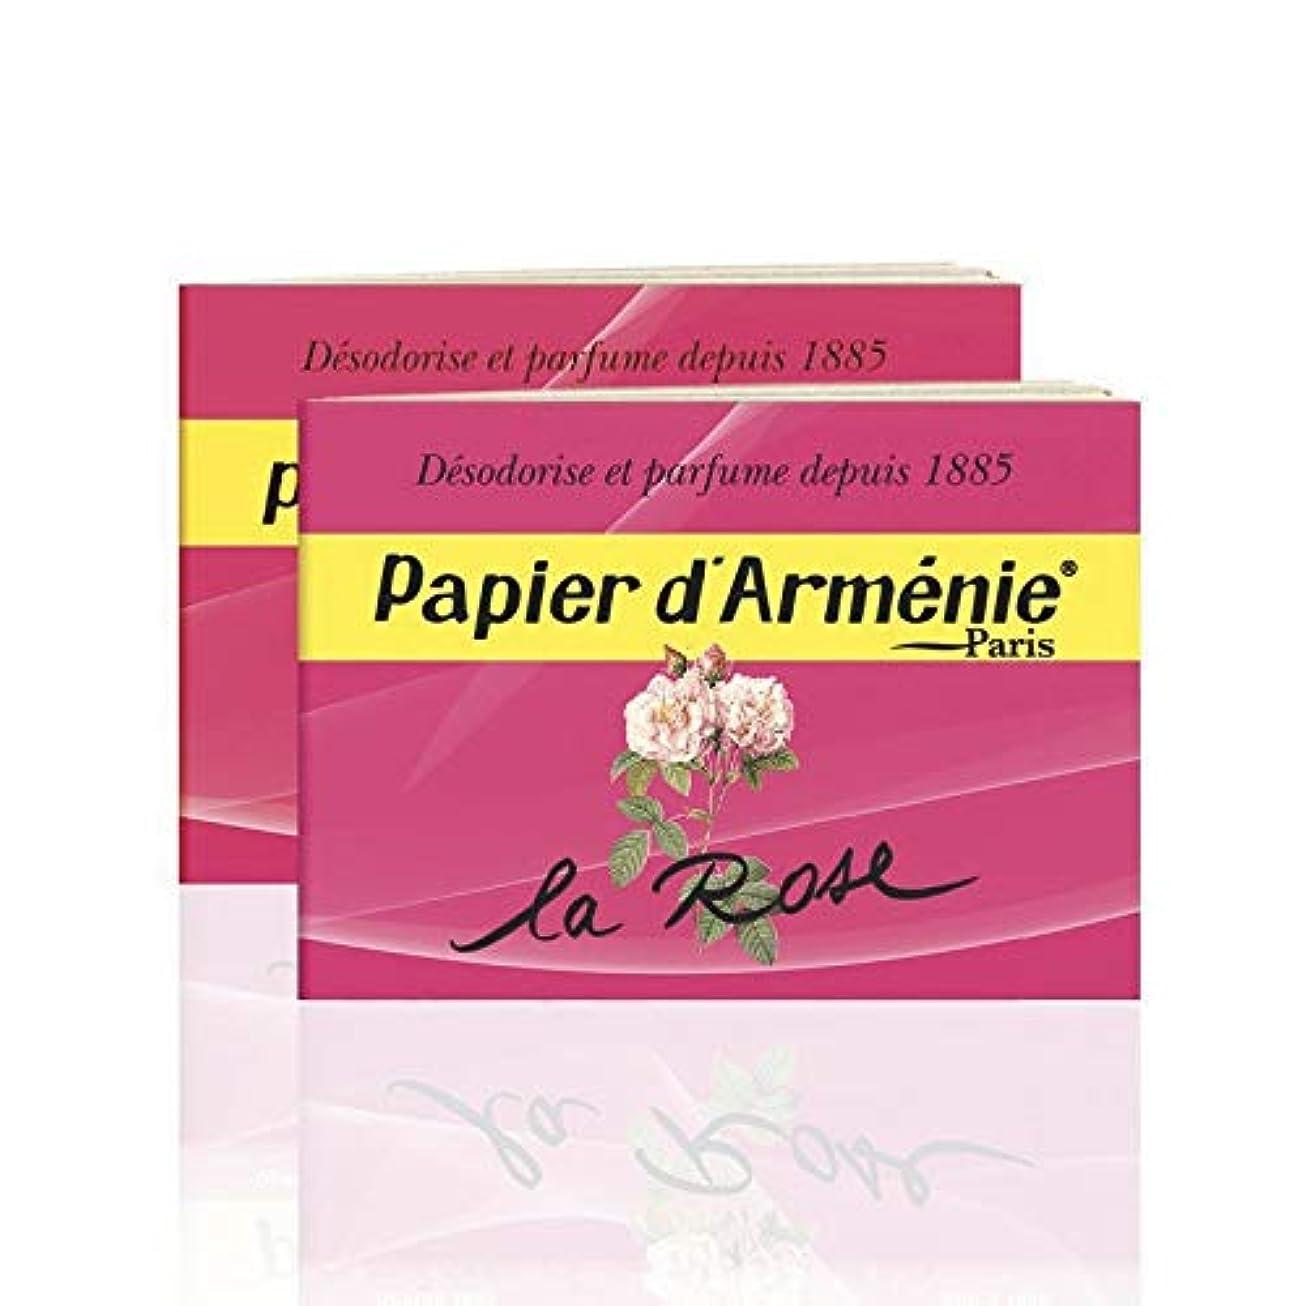 税金の前でコントロールパピエダルメニィ ローズ Papier d'Armenie La Rose (3)